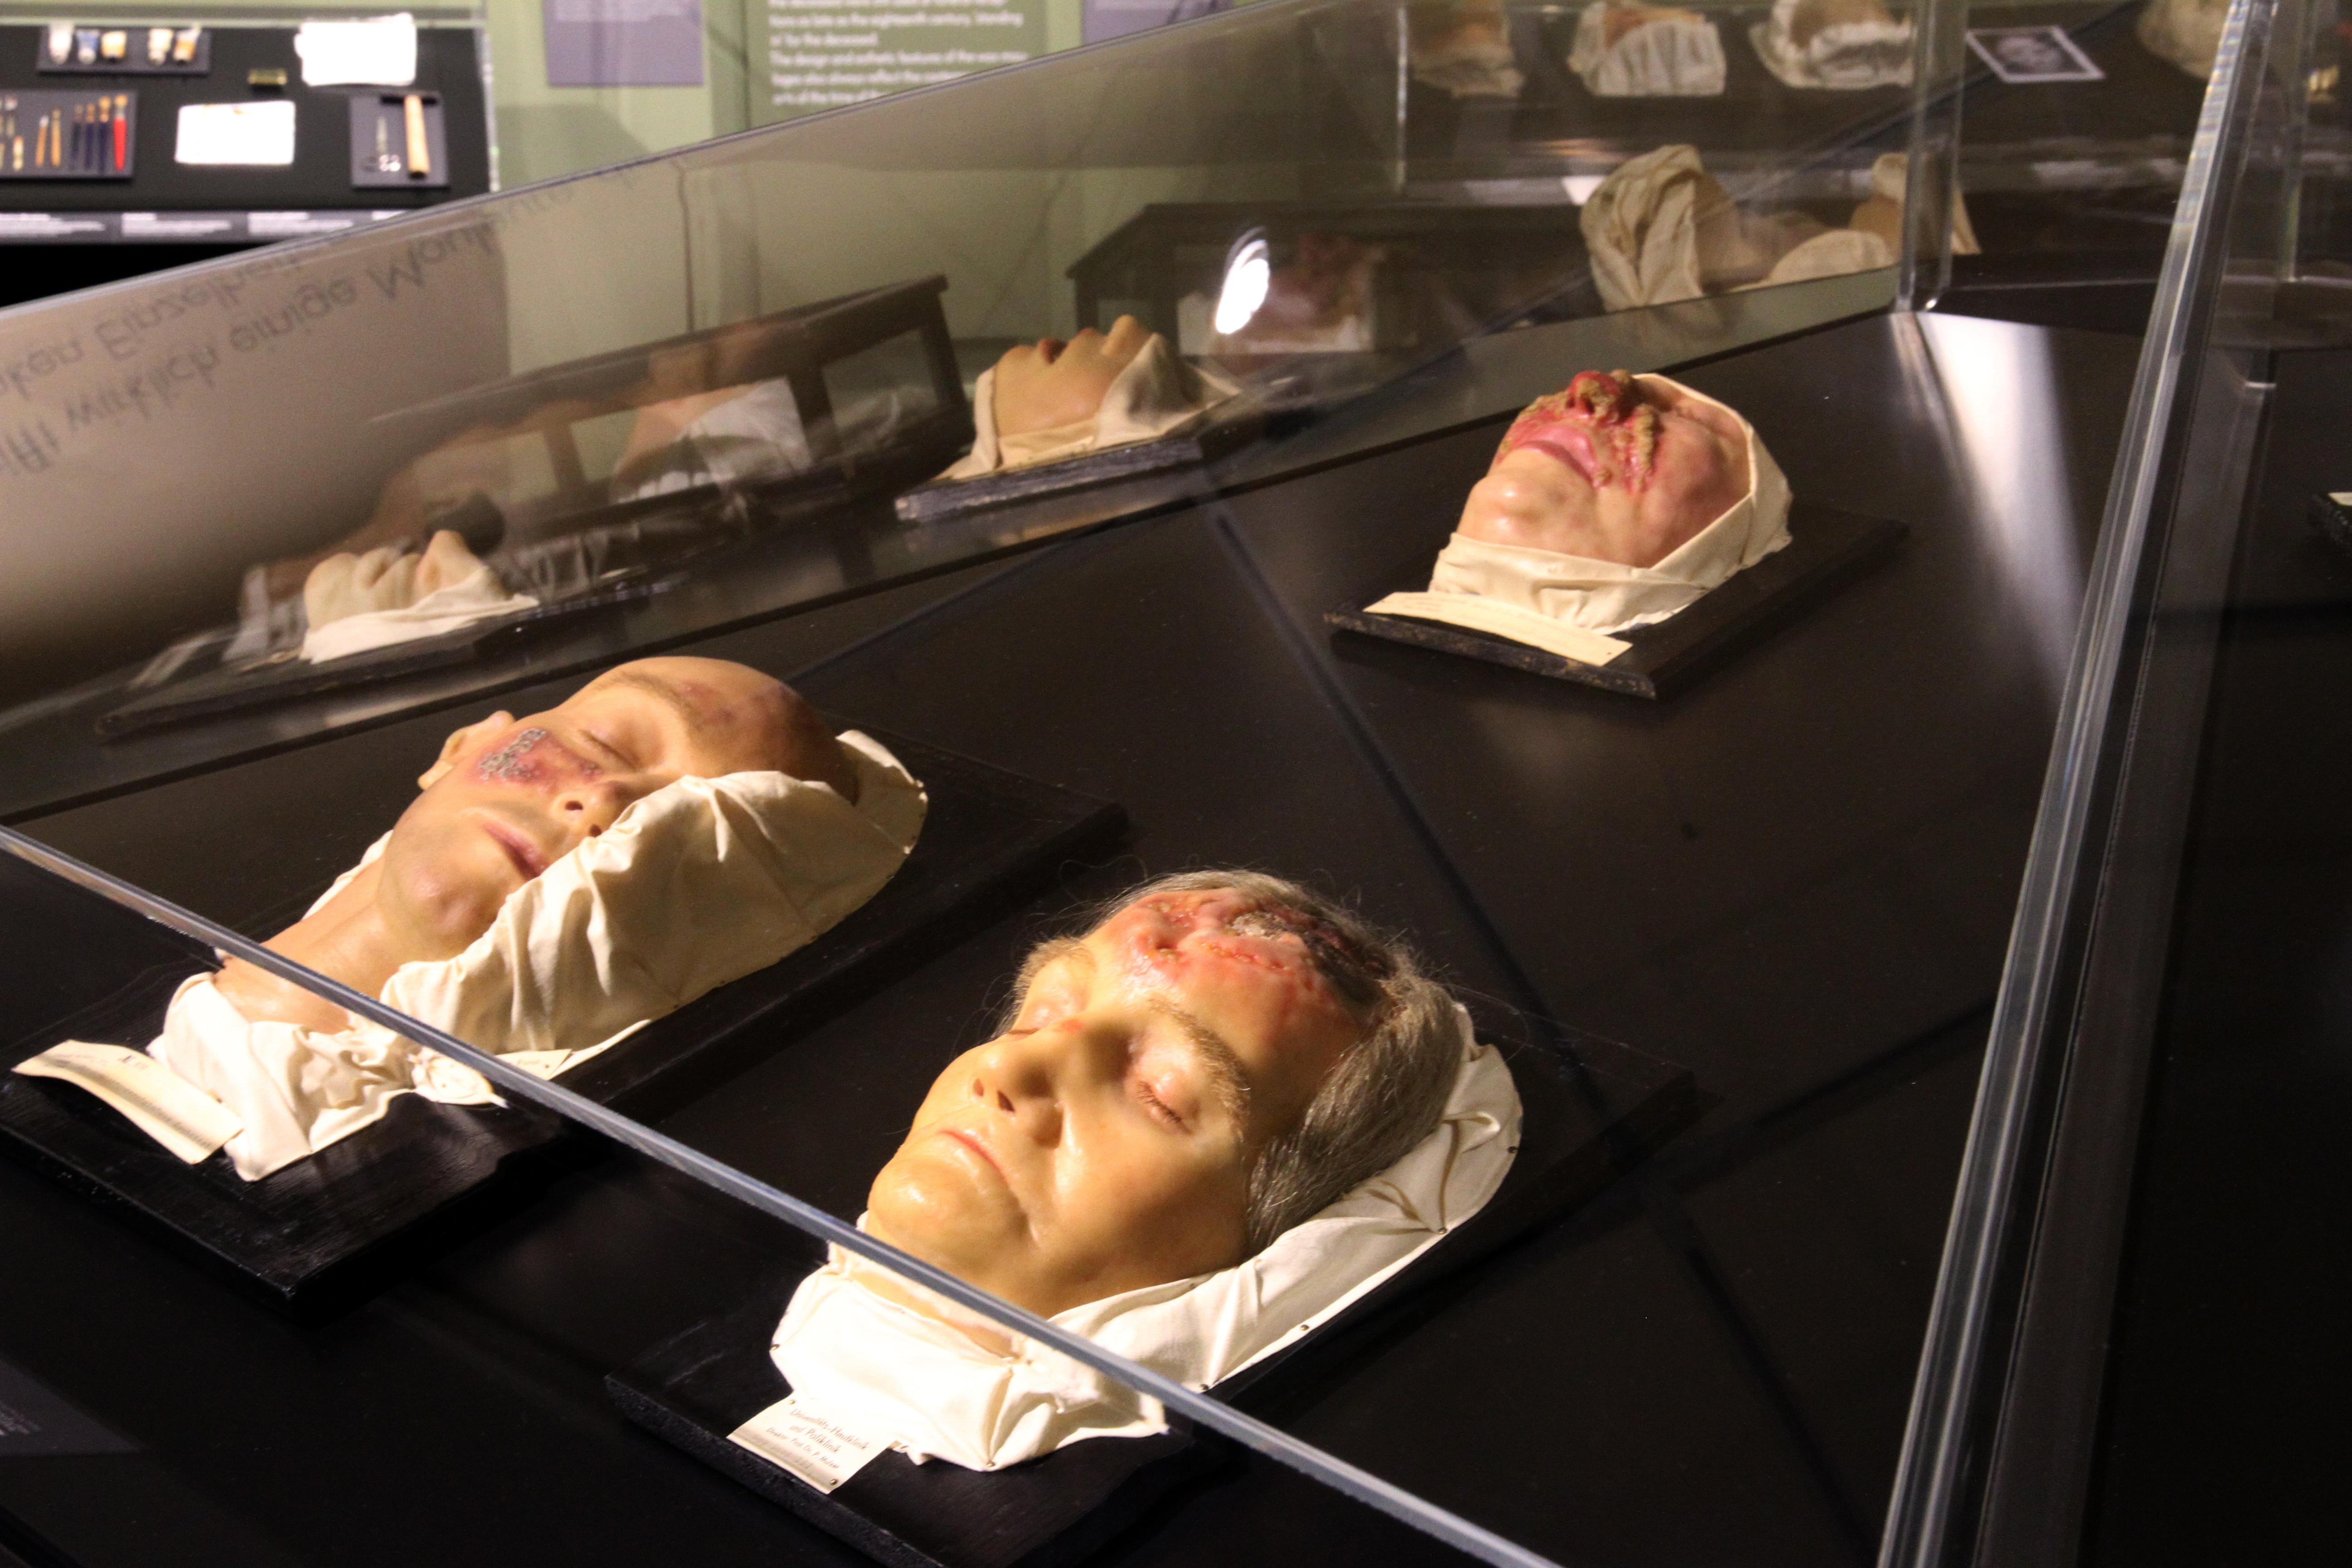 UKE - Medizinhistorisches Museum - Pressematerial